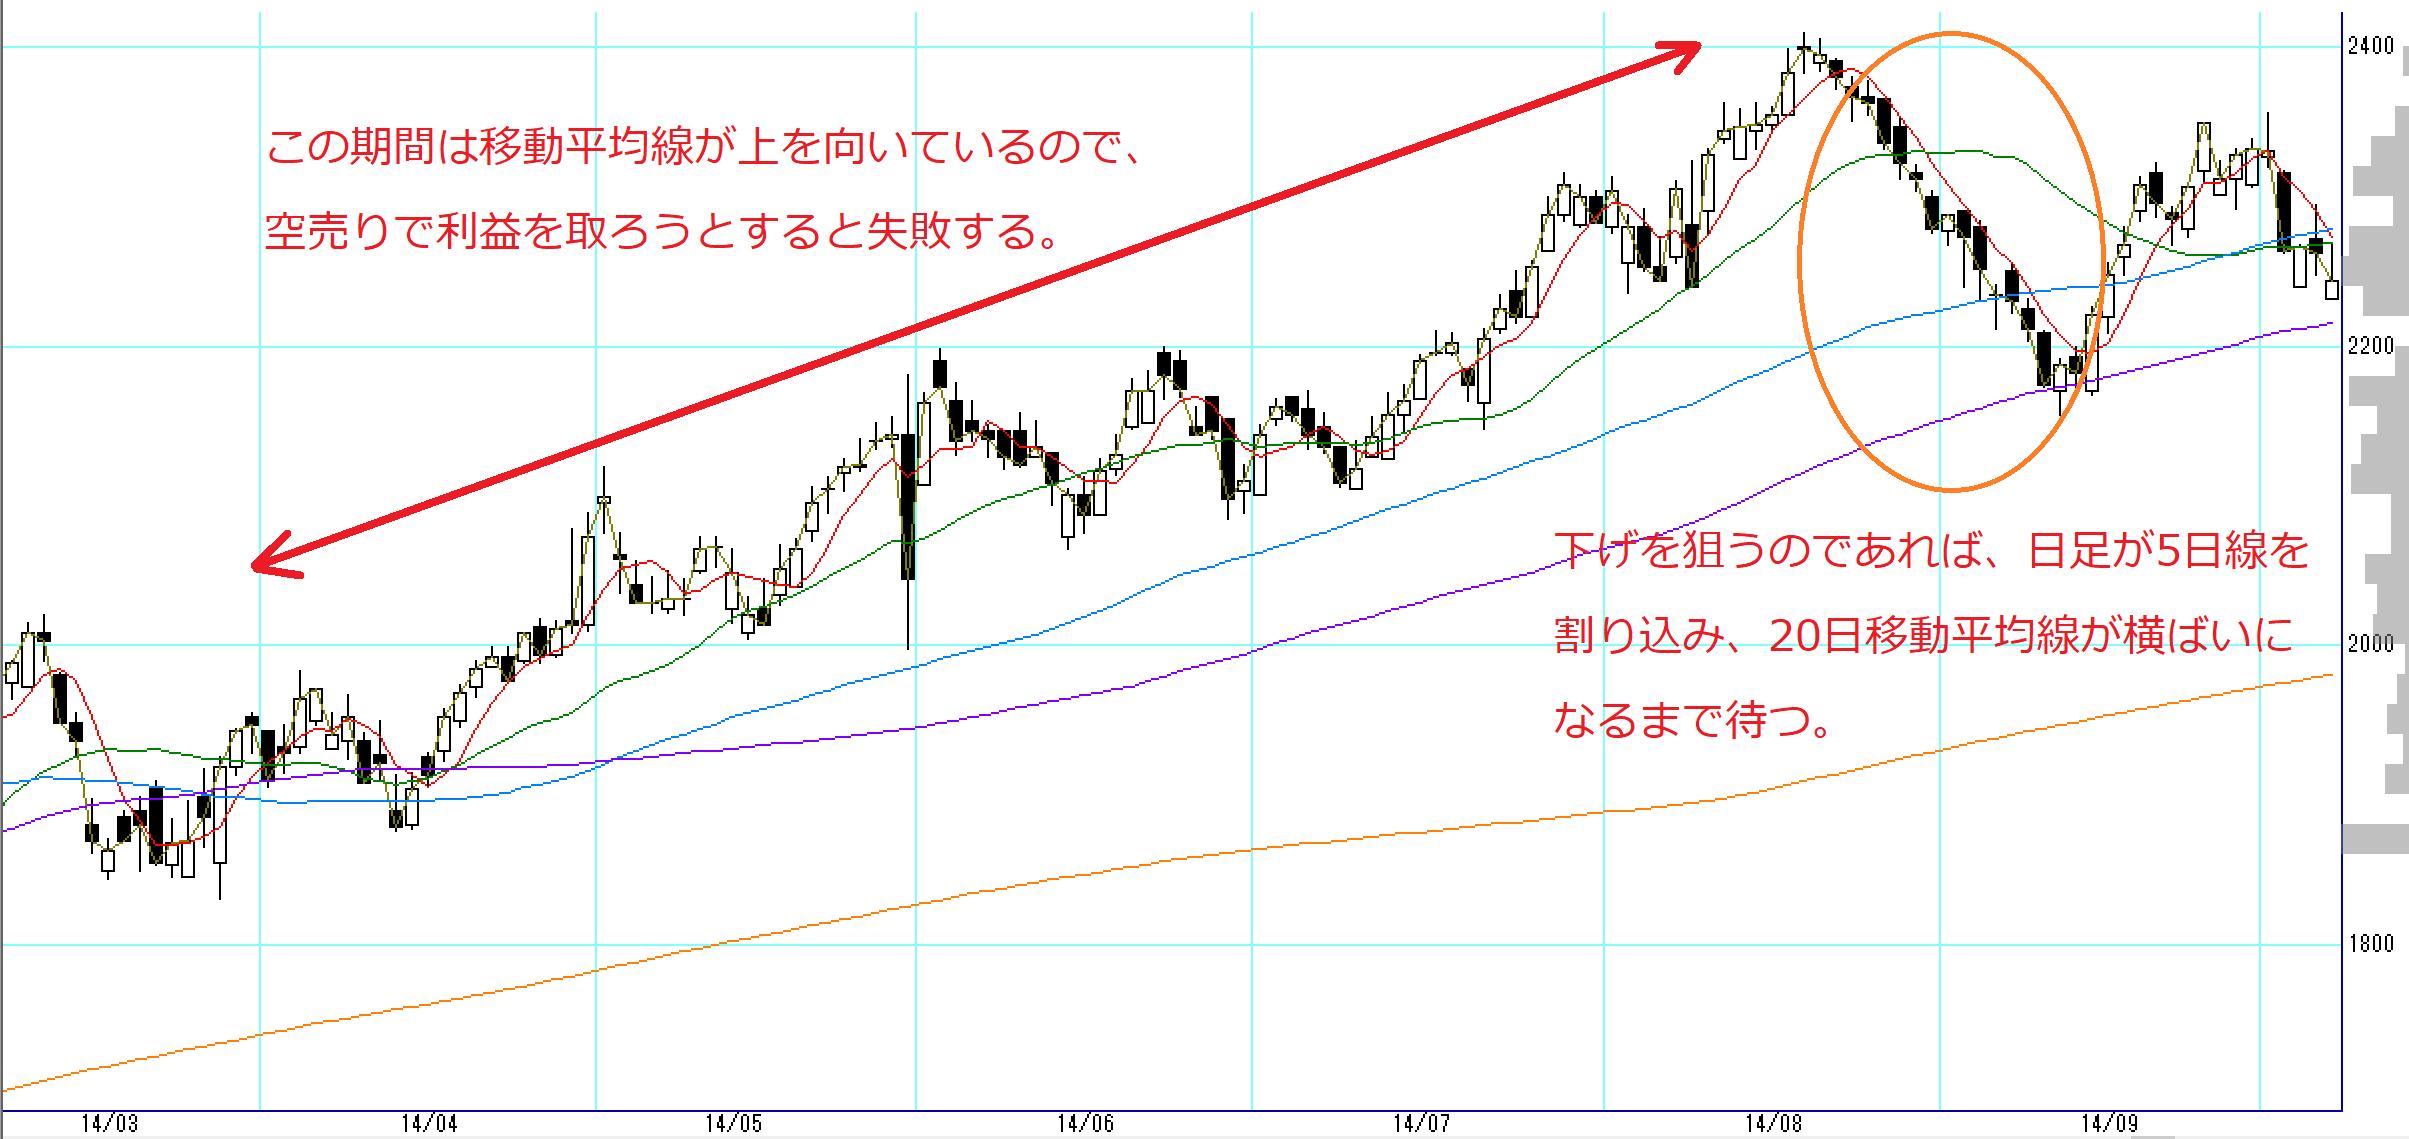 キッコーマン日足チャート